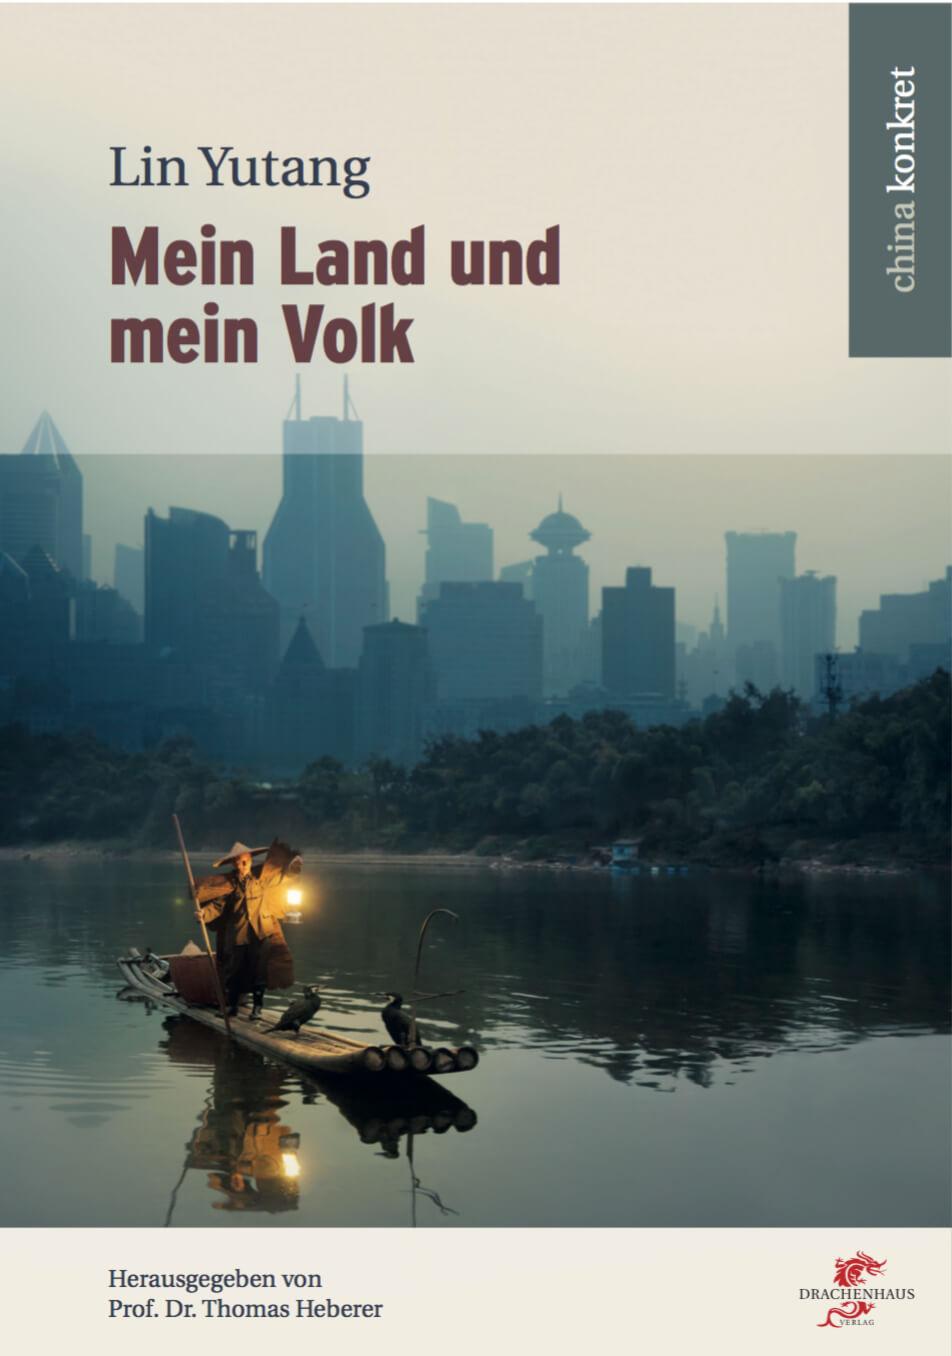 Lin Yutang: Mein Land und mein Volk, herausgegeben von Prof. Dr. Thomas Heberer